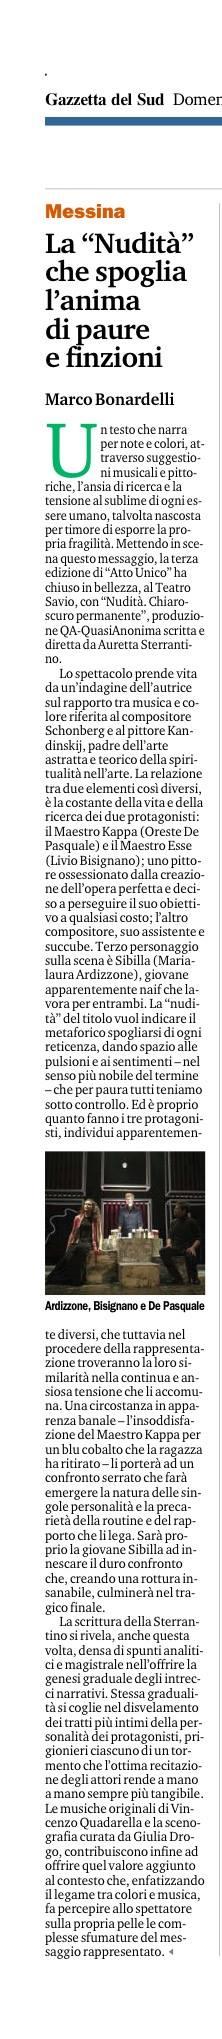 NUDITÀ - Gazzetta del Sud 24.04.16 recensione Bonardelli